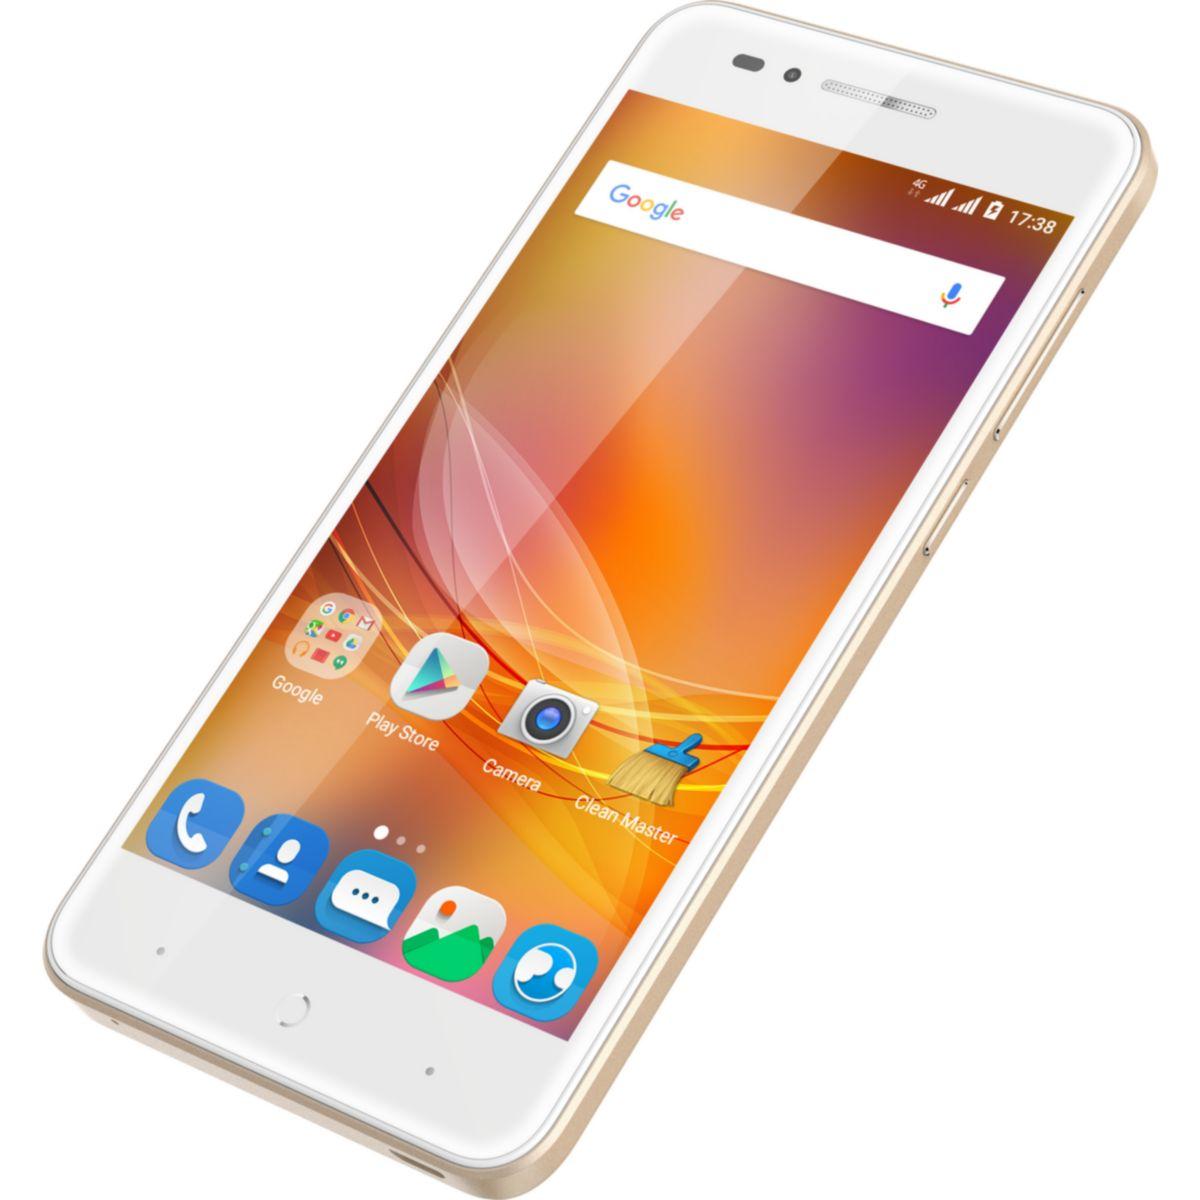 ZTE Blade A612 - Smartphone Dual-SIM 4G LTE 16GB microSDHC slot GSM 12,70cm (5) 1,280 x 720 Pixel IPS 13 MP (2 Vorderkamera) Android Gold (126665001020) jetztbilligerkaufen